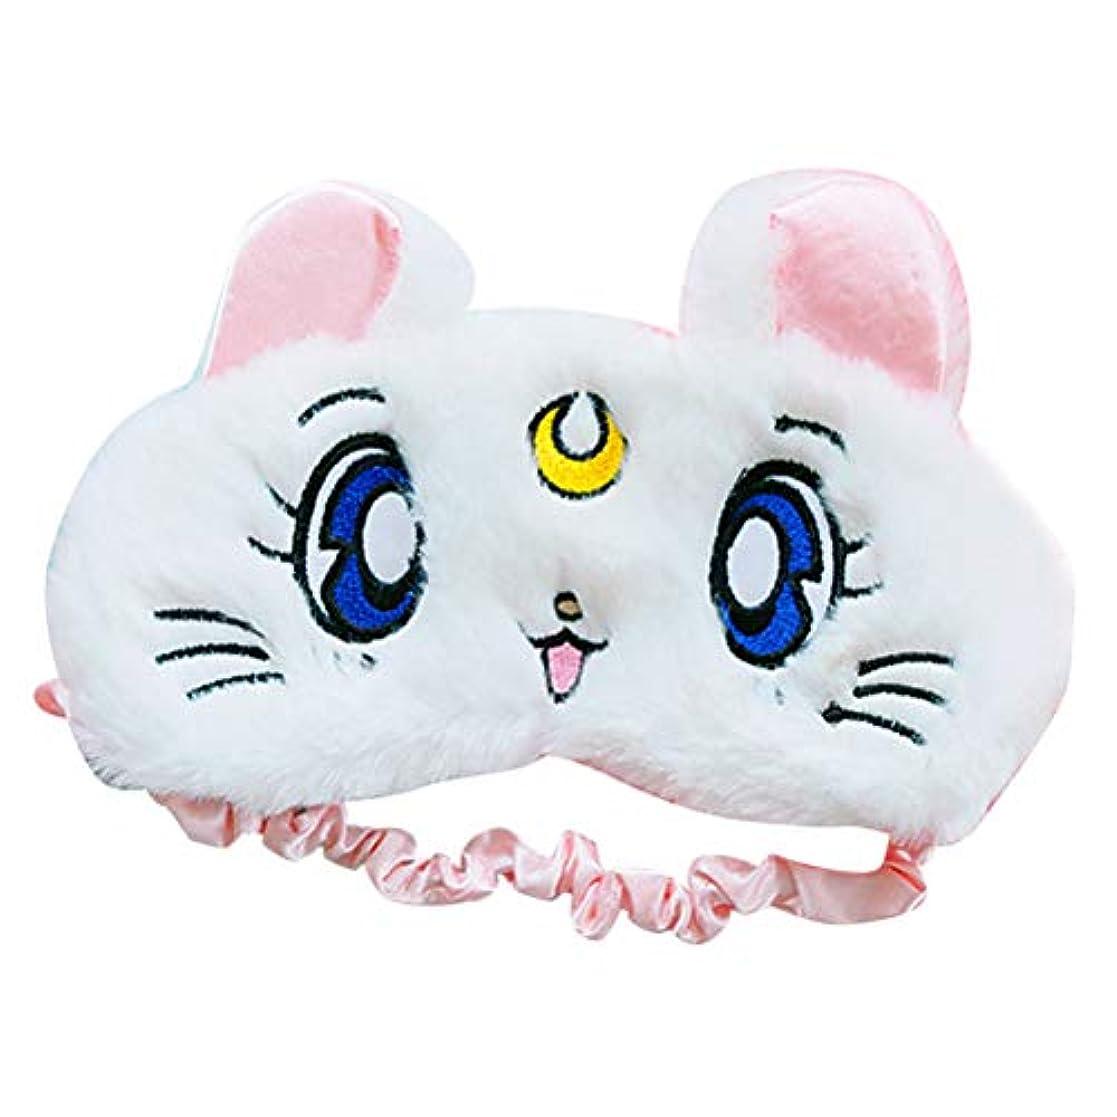 鉱夫課税非互換BSMEAN 猫の目マスクソフトぬいぐるみ睡眠通気性フード内蔵アイスパック漫画アイマスク、白